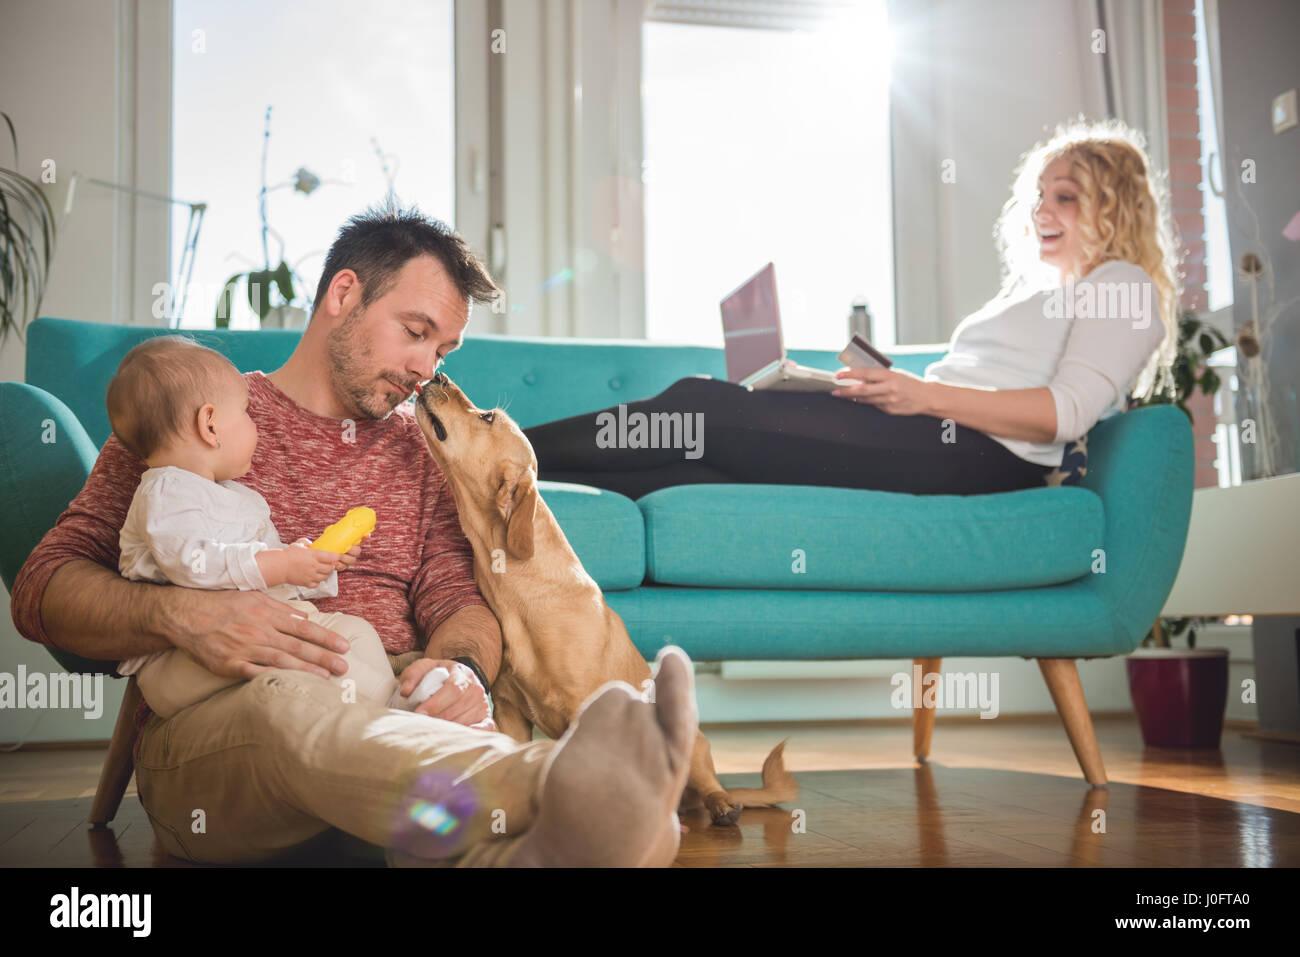 Padre seduto sul pavimento e con il bambino tra le braccia a giocare con il cane mentre la moglie seduta sul divano Immagini Stock